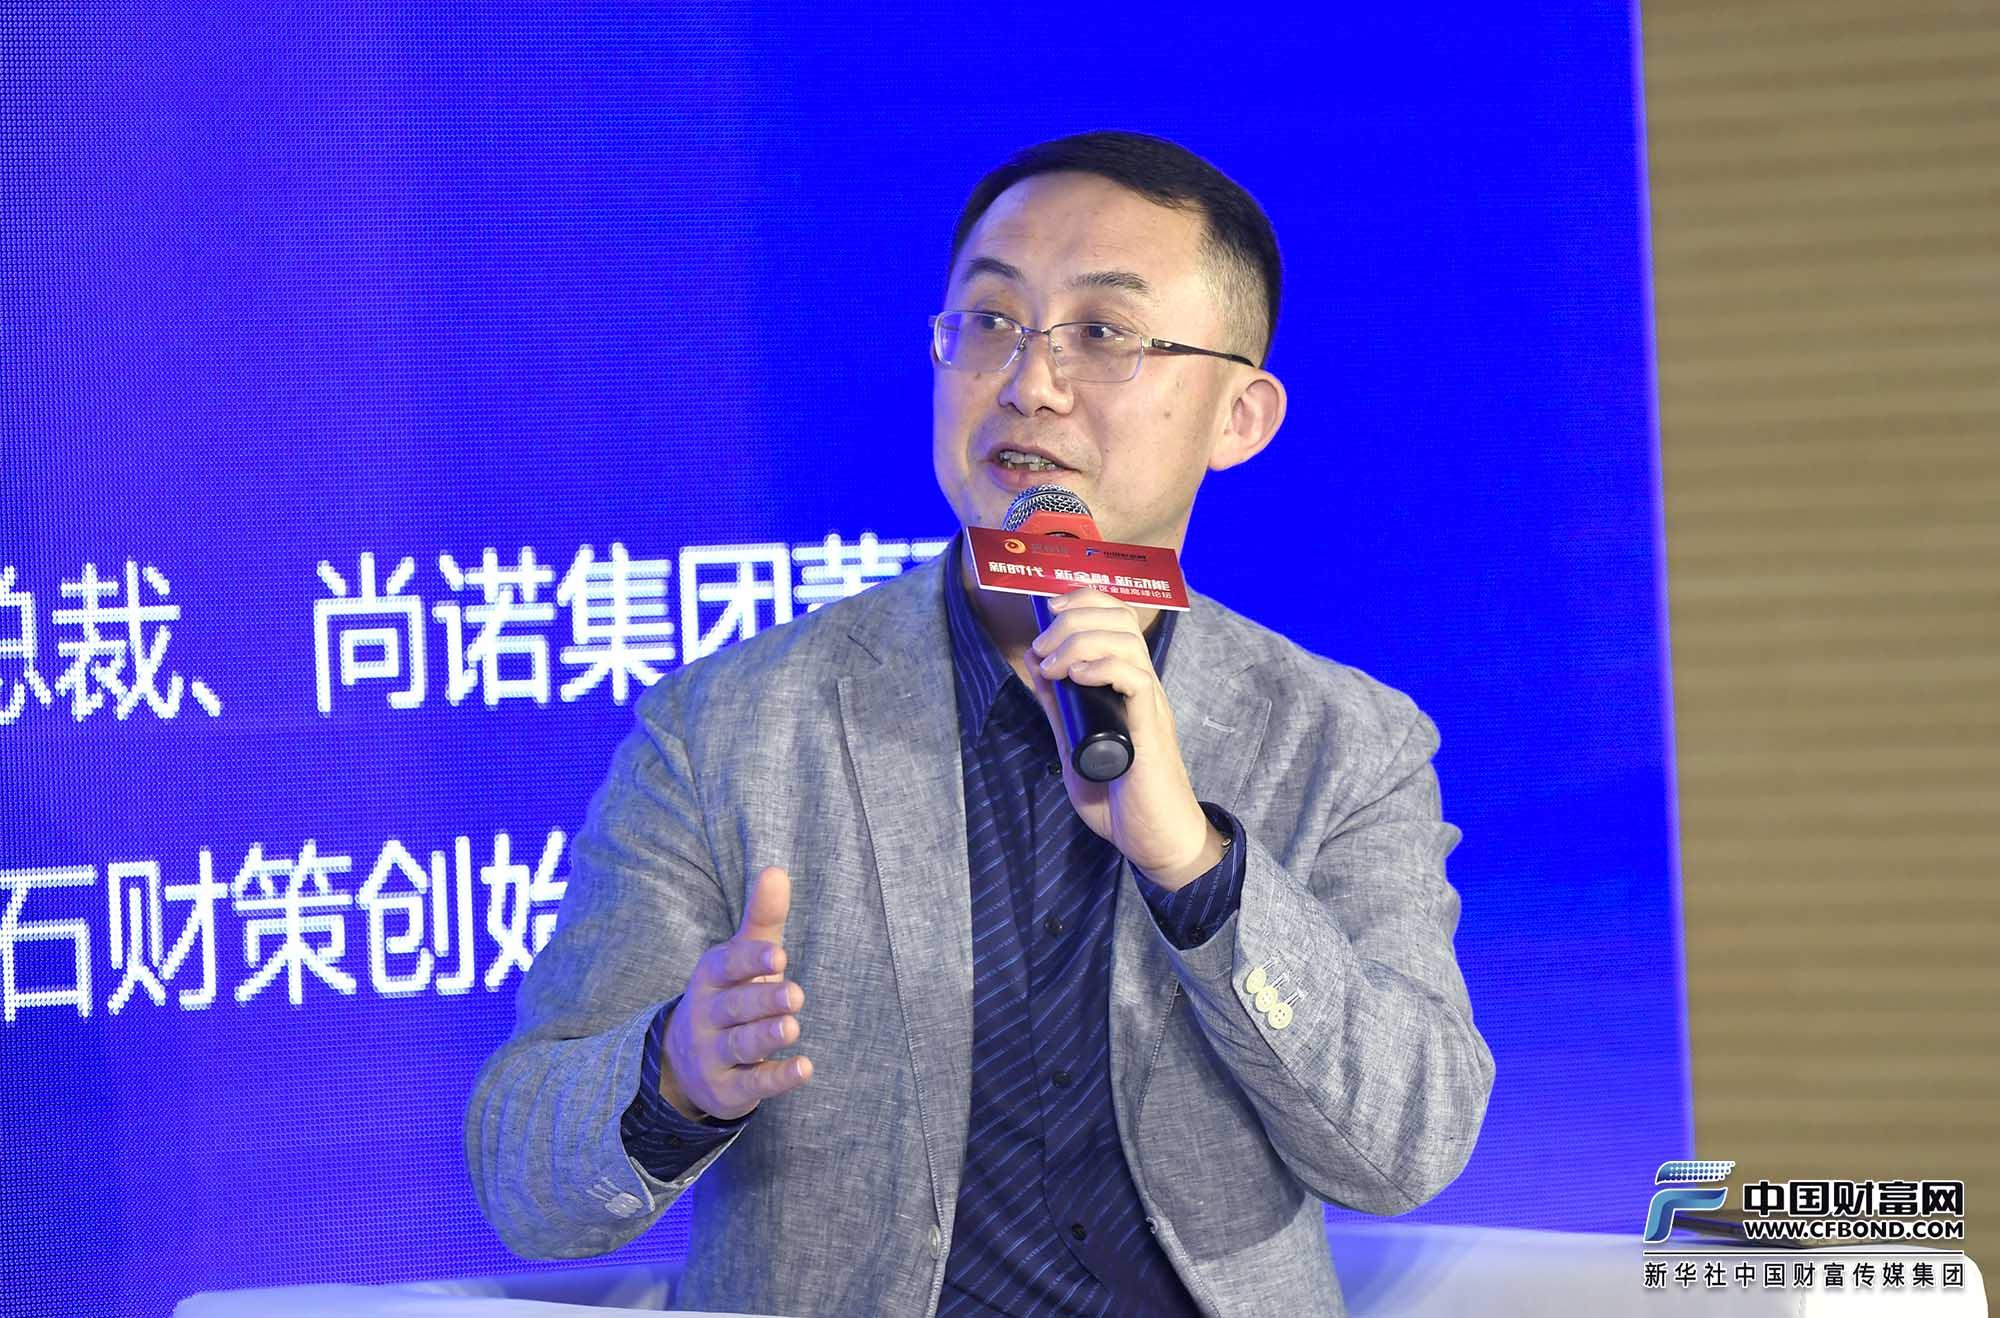 圆桌论坛一嘉宾:香港大中华金融执行董事兼行政总裁杨大勇